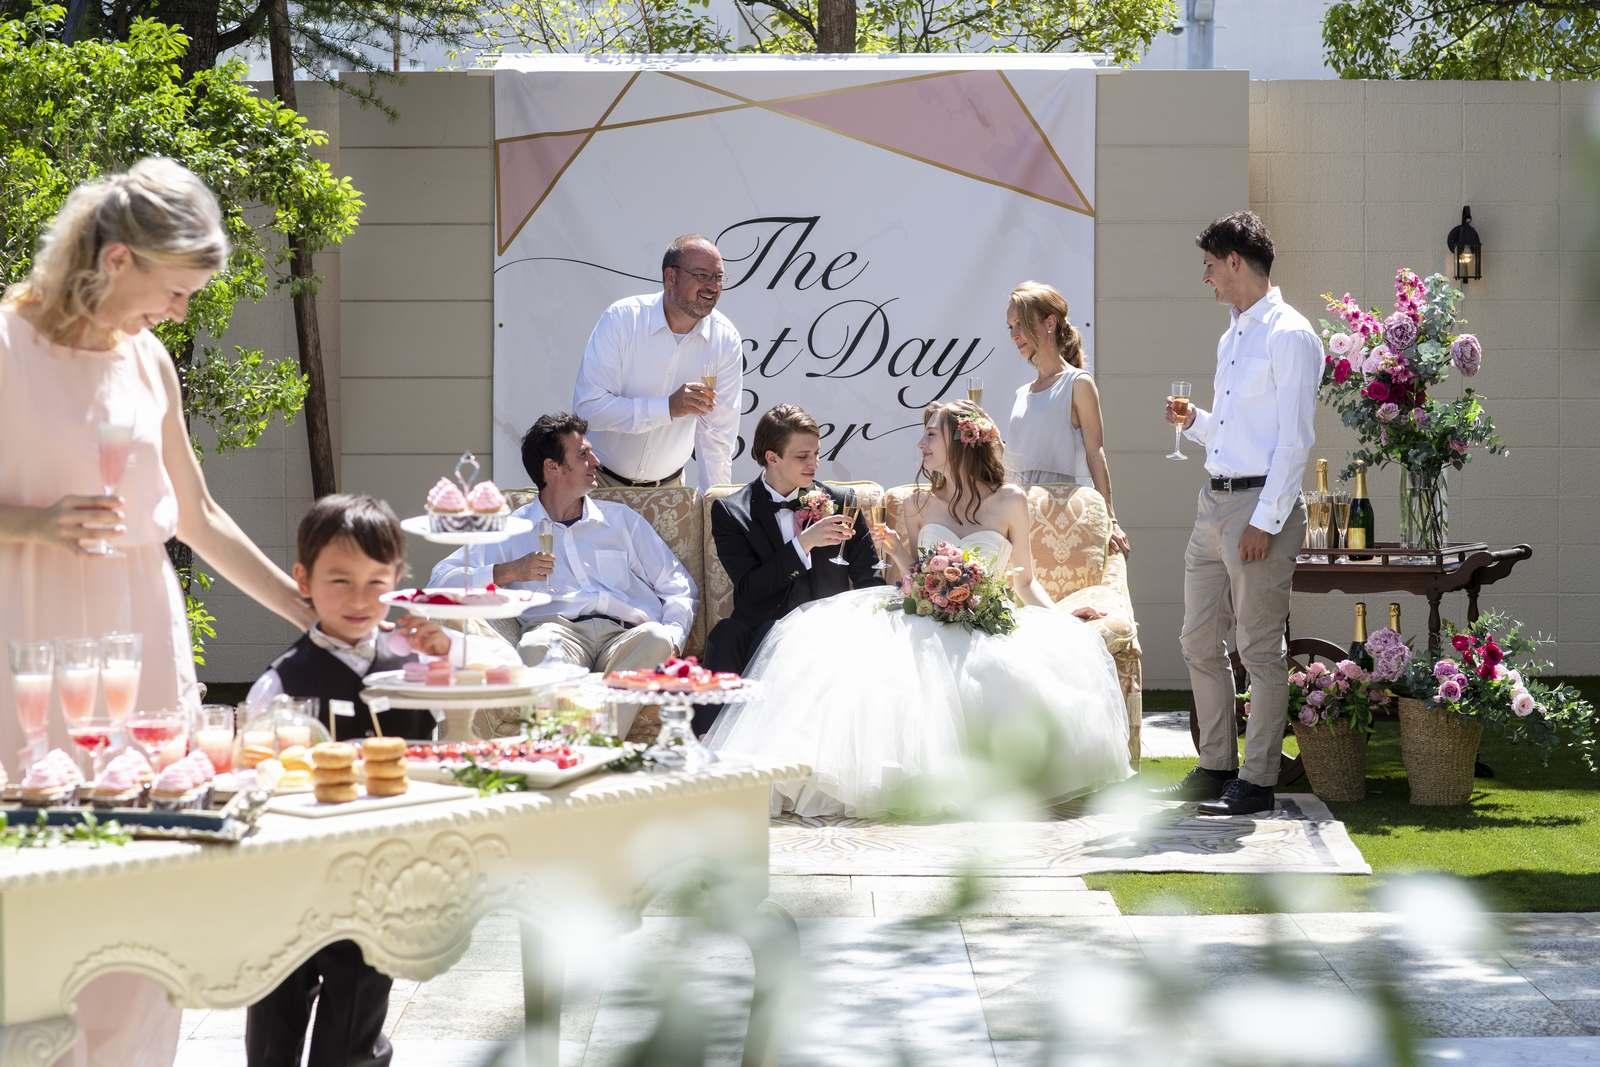 香川県の結婚式場シェルエメールのスイートLのガーデンでの結婚式イメージ